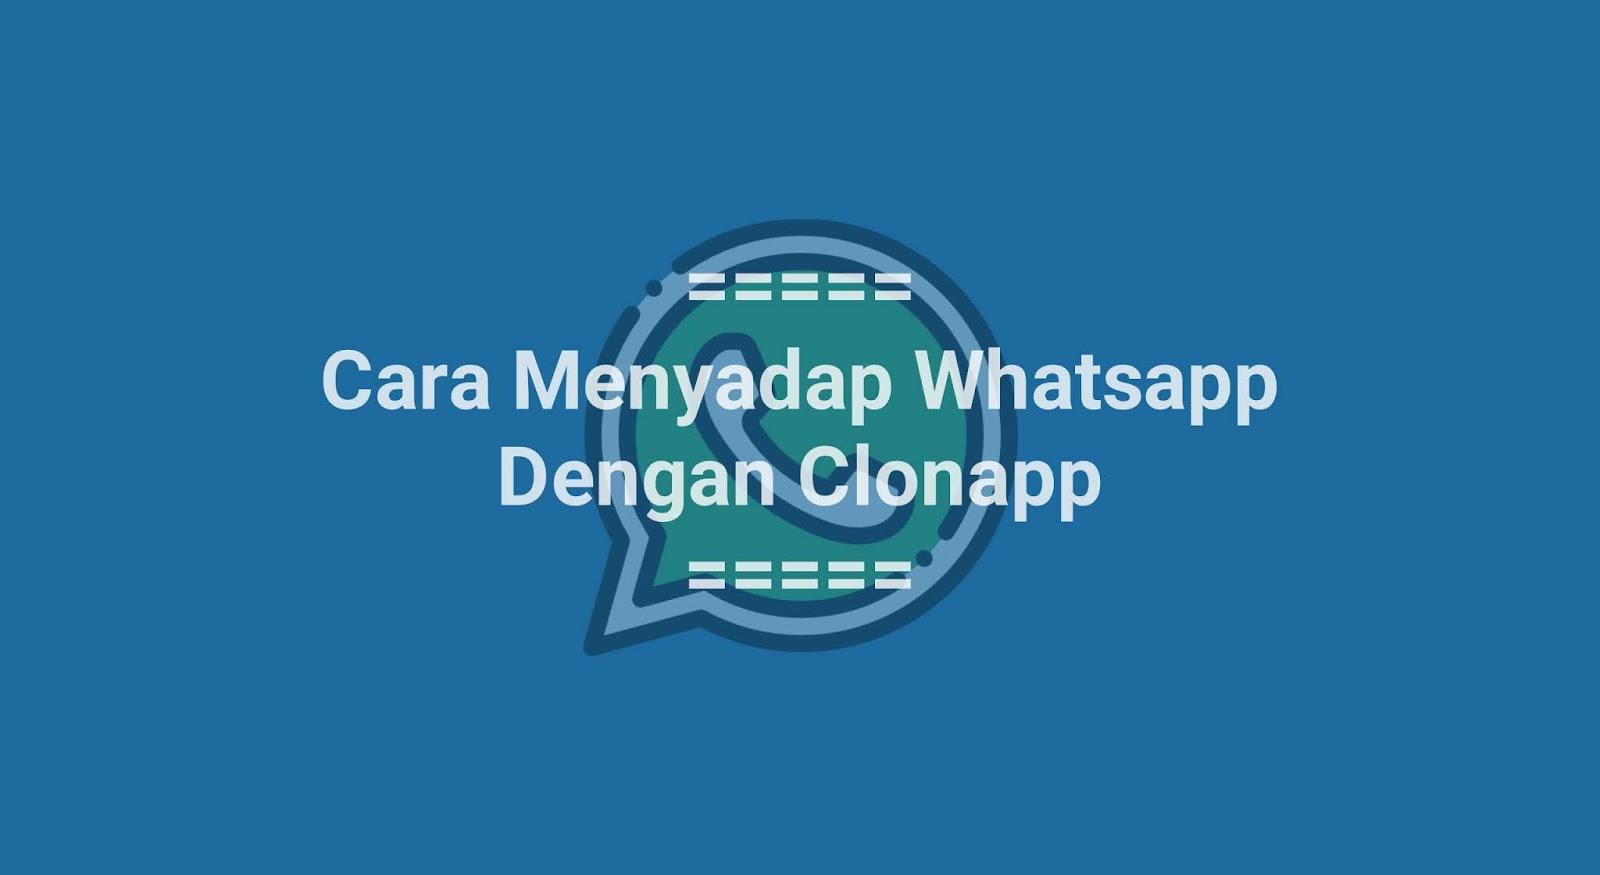 Cara Menyadap WhatsApp Dengan Clonapp